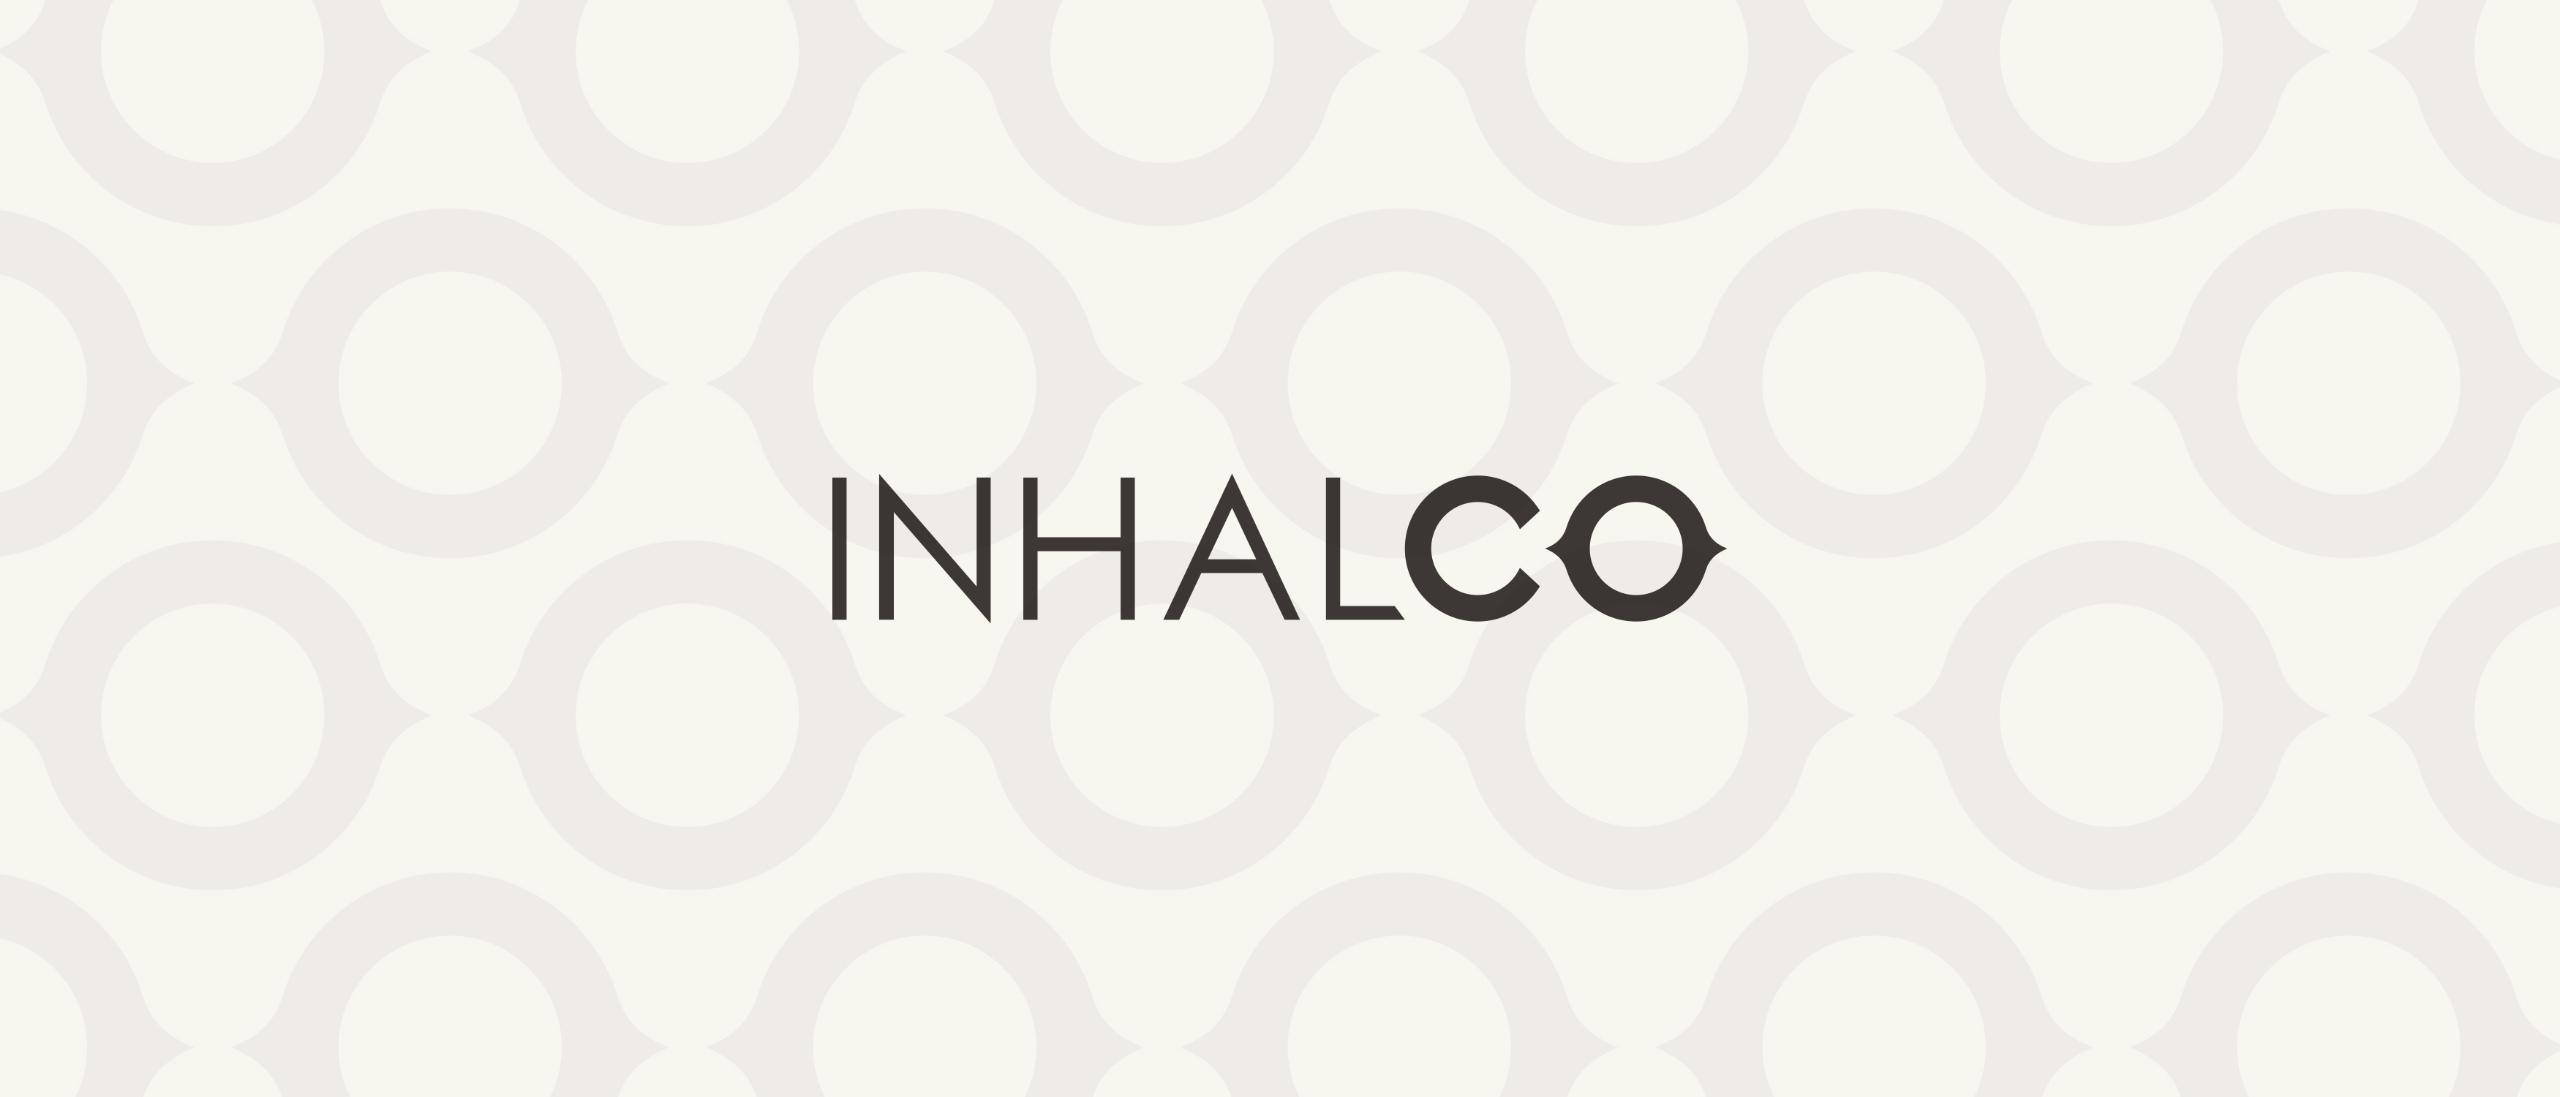 INHALCO (@inhalco) Cover Image